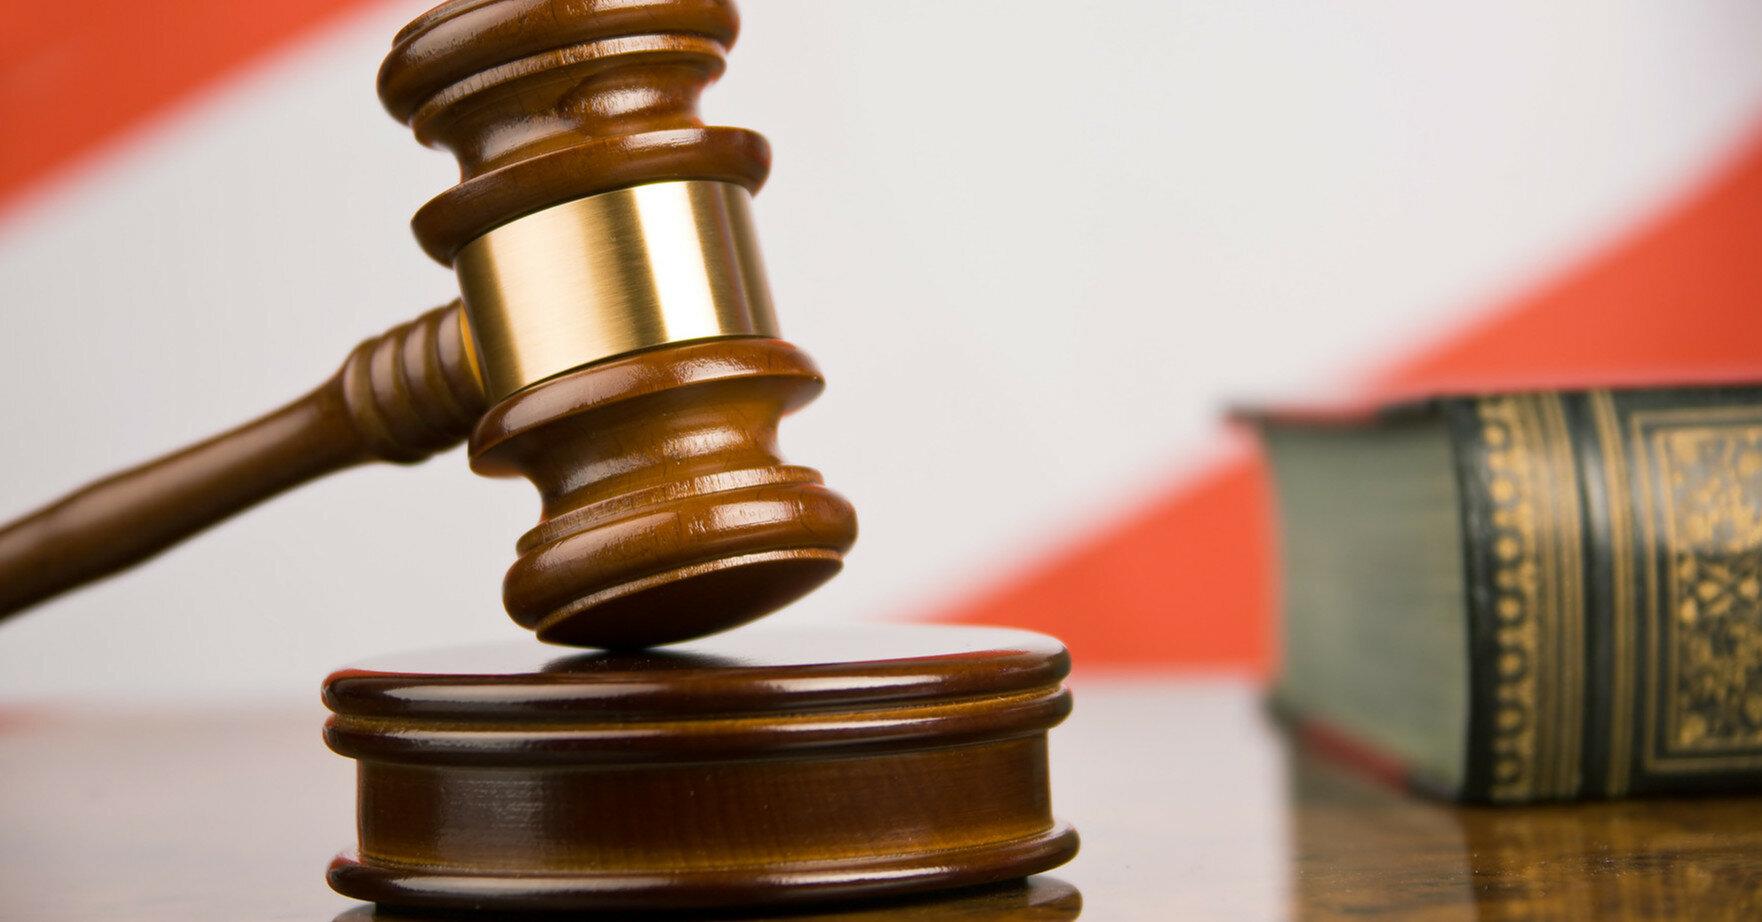 Стерненко подал жалобу на приговор Одесского суда